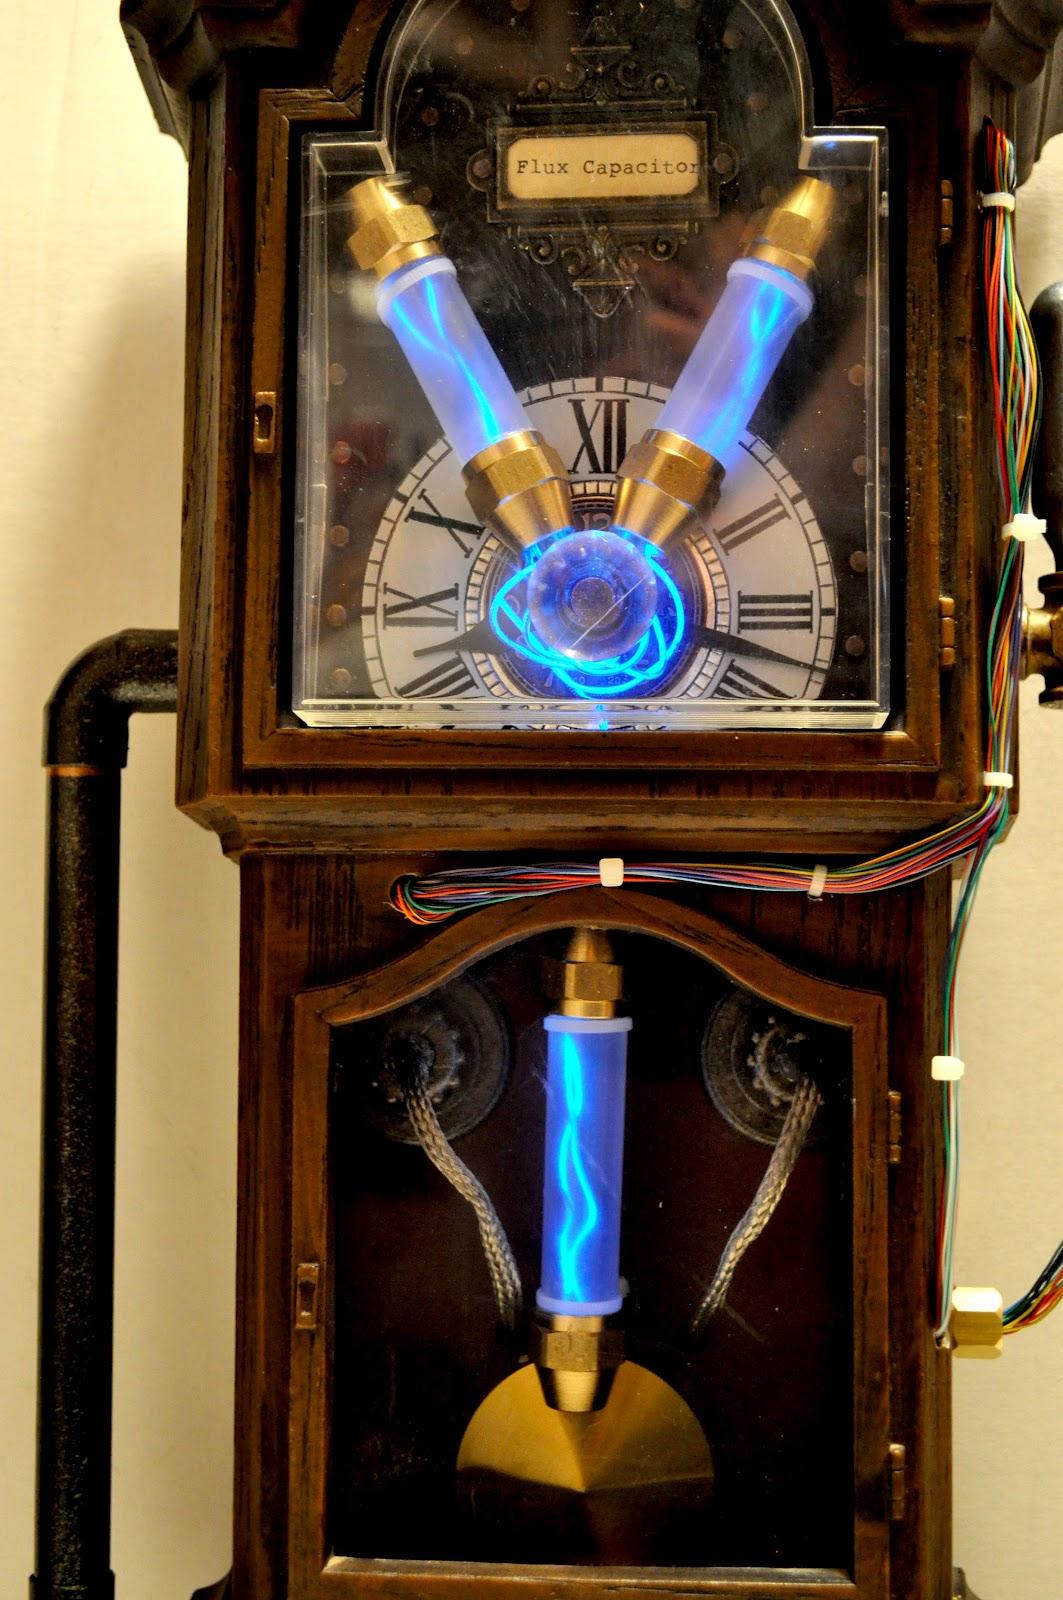 http://3.bp.blogspot.com/-NuxMDArReJs/Tyyk2X18K-I/AAAAAAAAAfQ/juKzTG-K07k/s1600/Steampunk+Flux+Capacitor+02.JPG